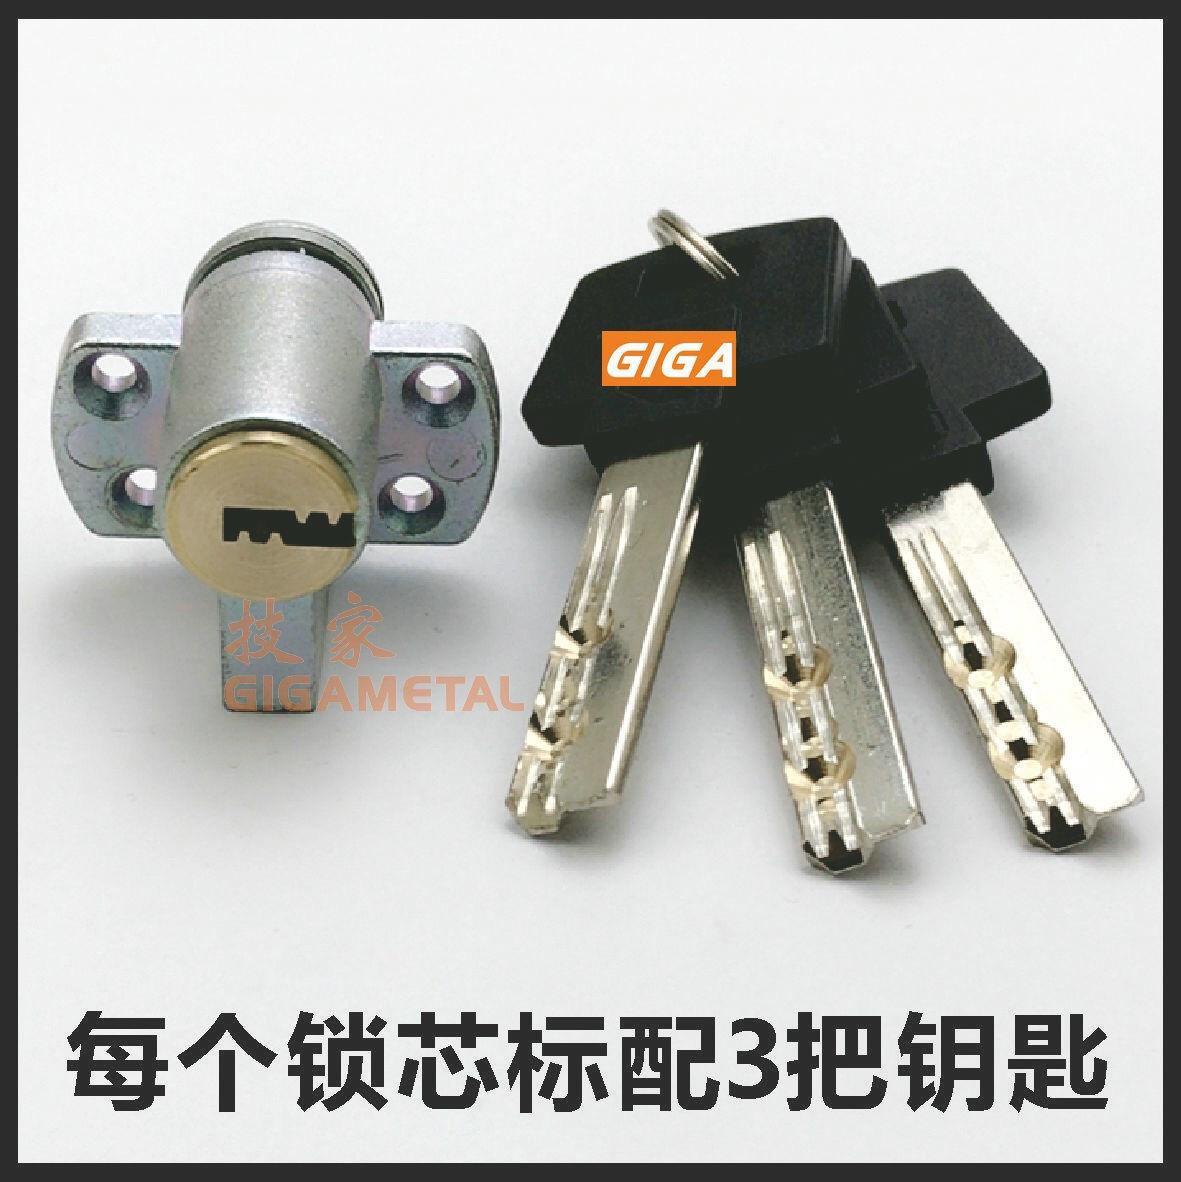 四孔酒店门锁芯宾馆刷卡锁芯磁卡电子感应锁芯适用于必答bete锁芯